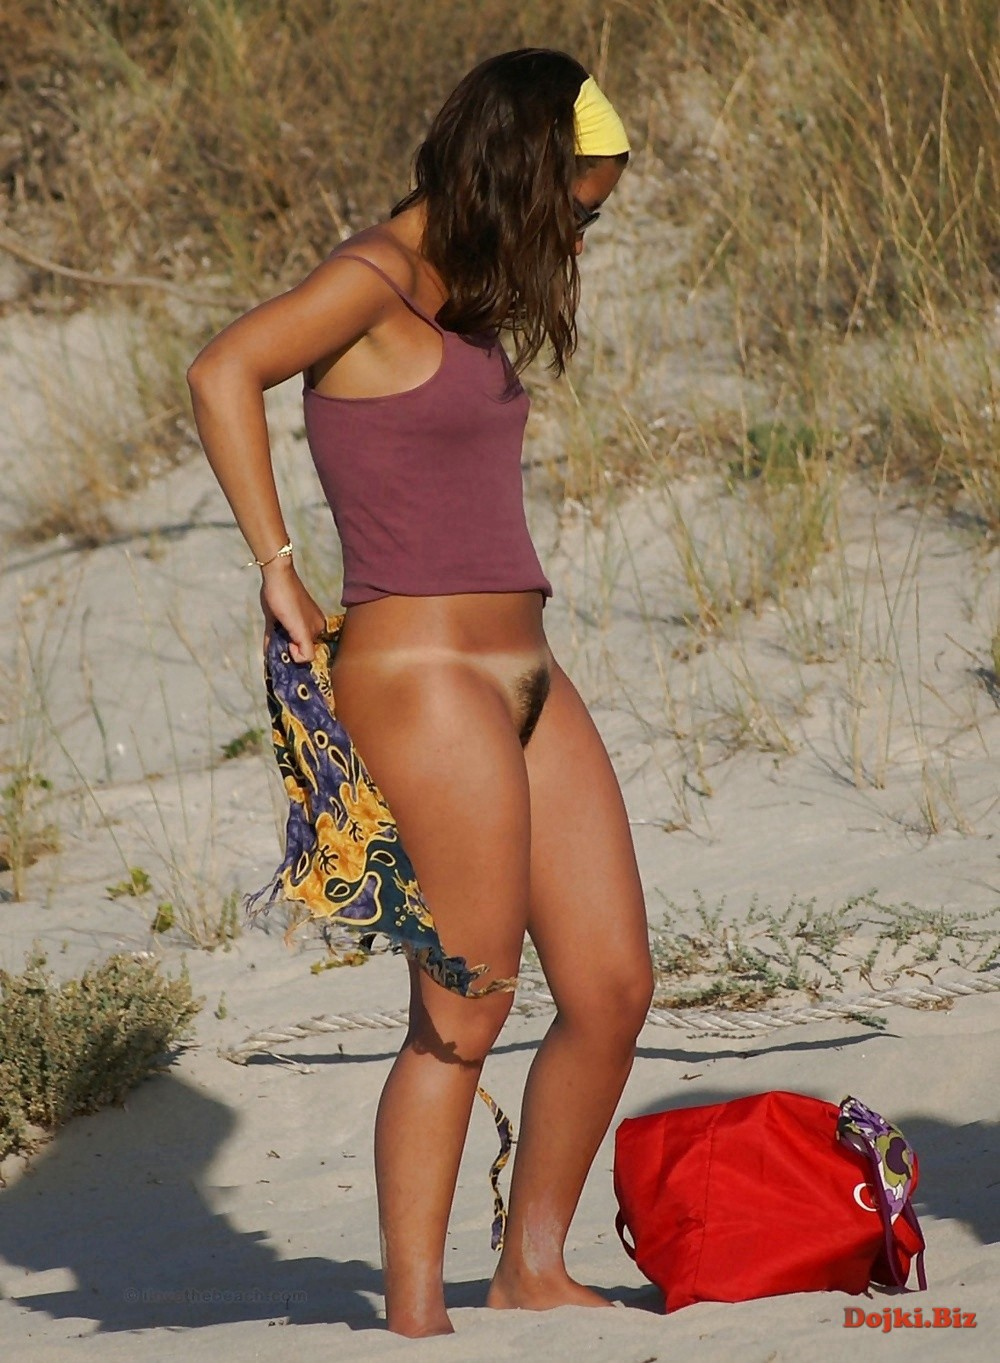 Переодеваясь на пляже засветила волосатую киску